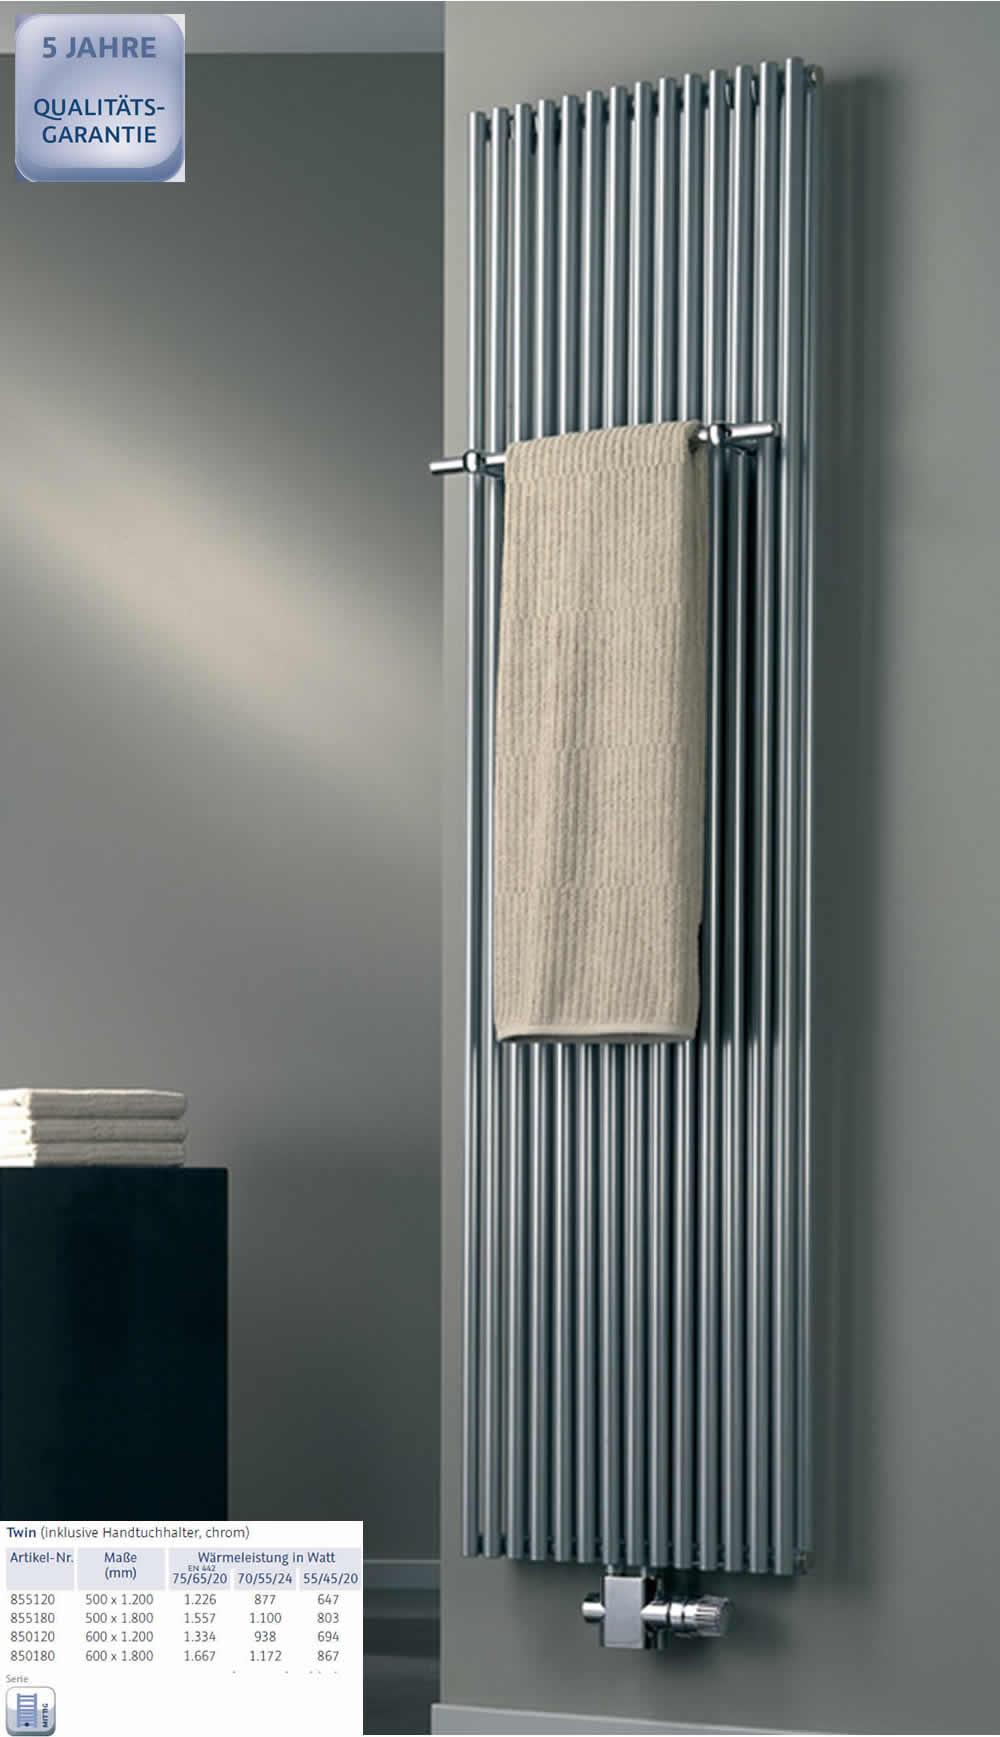 Full Size of Handtuchhalter Bad Elektroheizkörper Heizkörper Wohnzimmer Für Küche Badezimmer Wohnzimmer Handtuchhalter Heizkörper